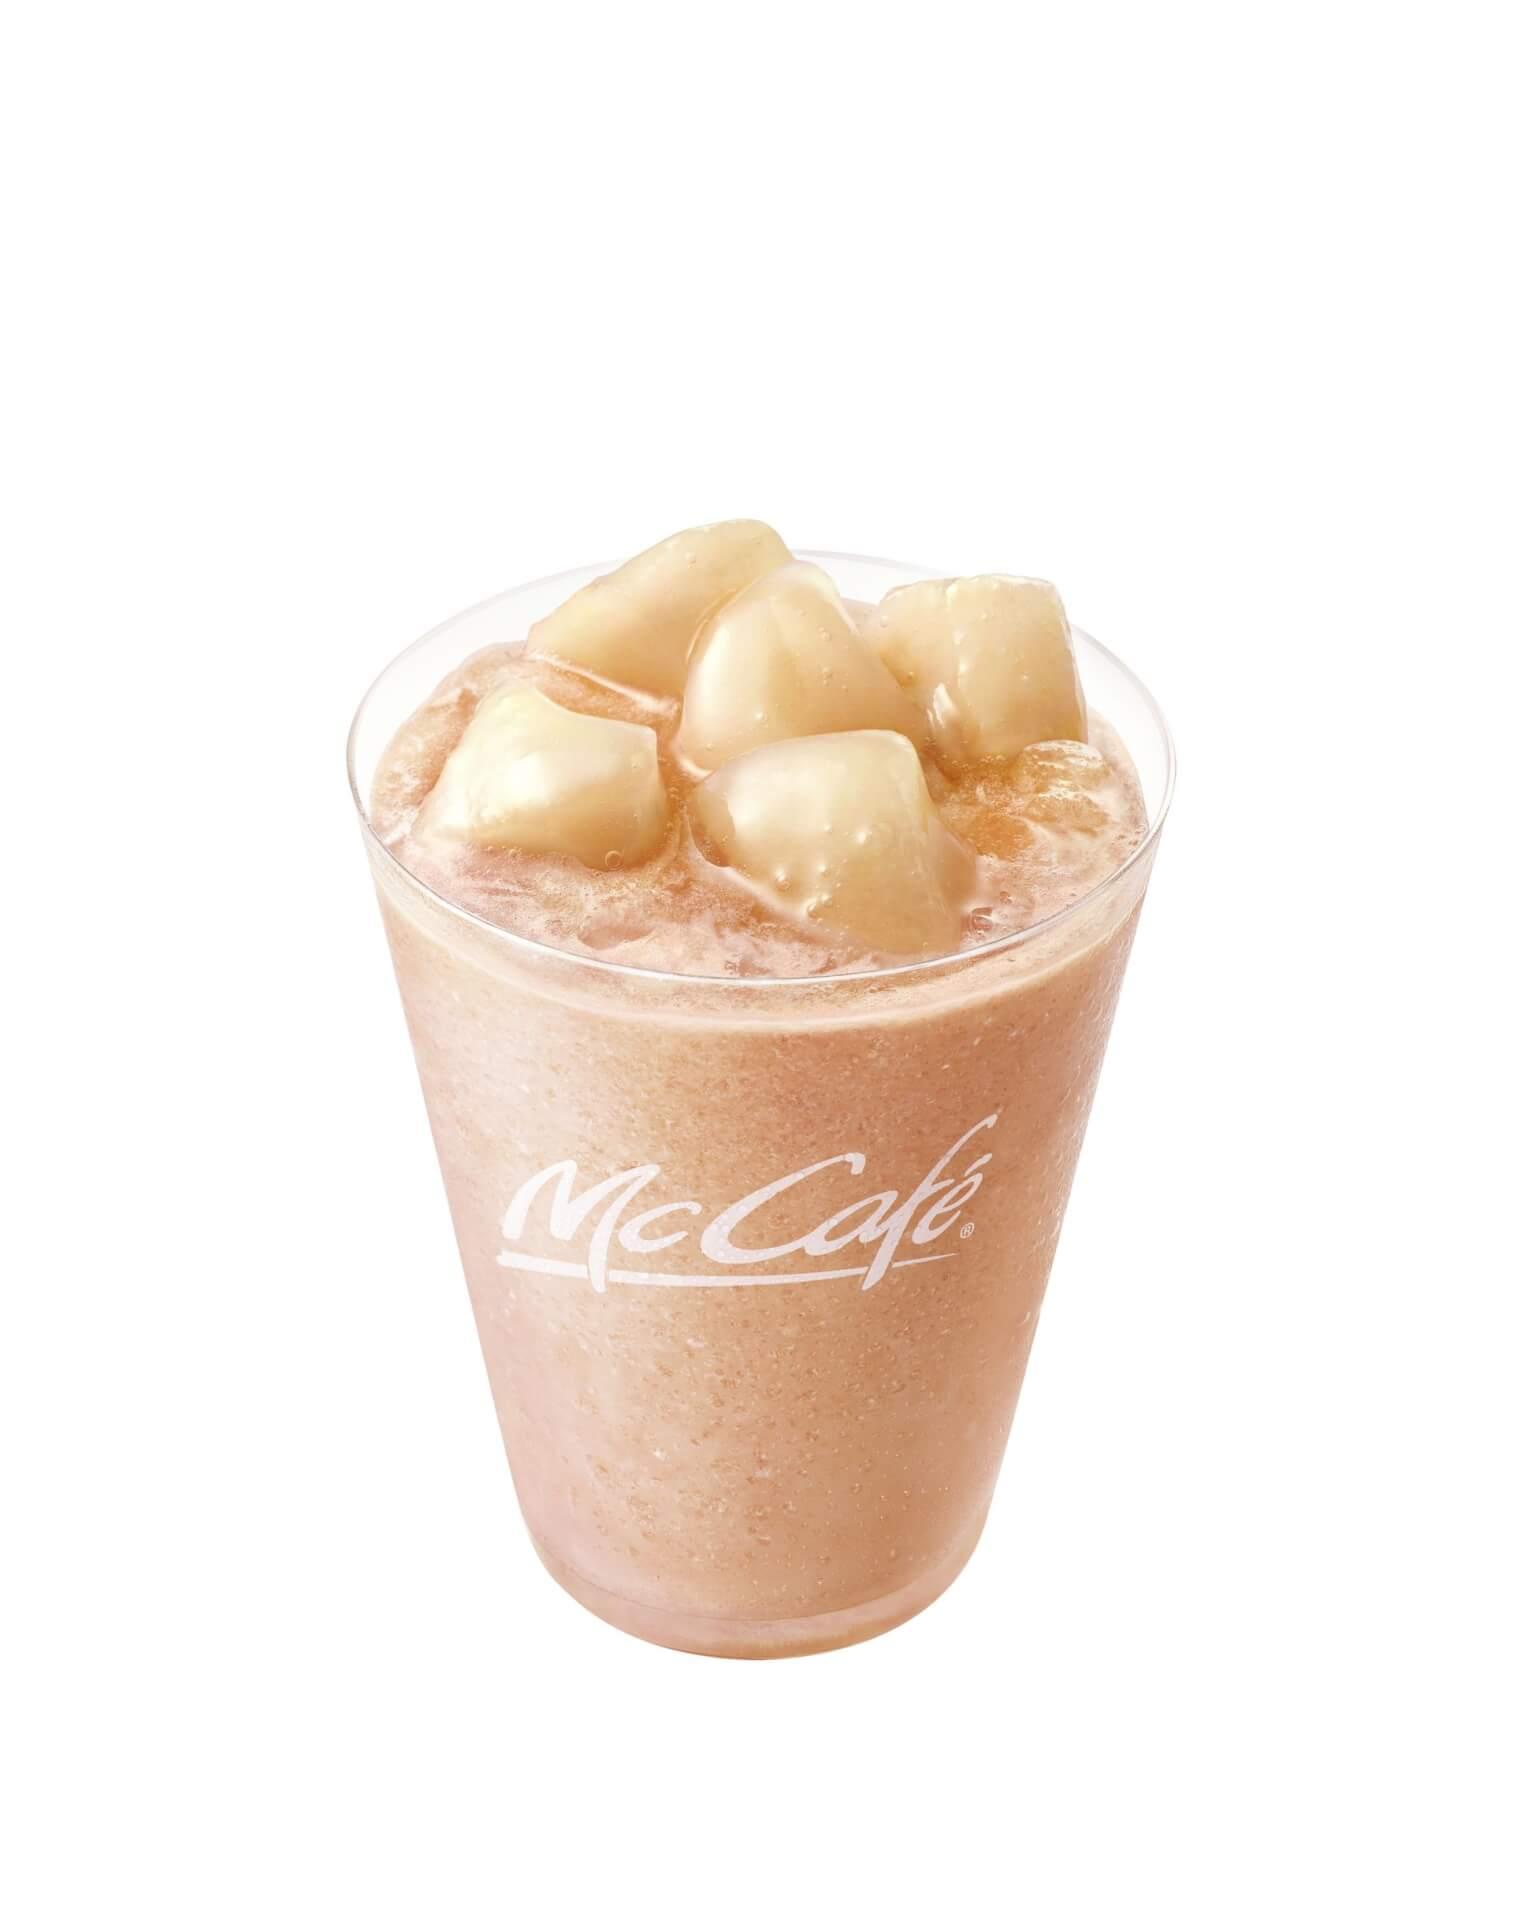 マクドナルド「マックカフェ」の定番「もものスムージー」が桃感アップで新登場!フラッペも発売 gourmet210420_mcdonald_momo_4